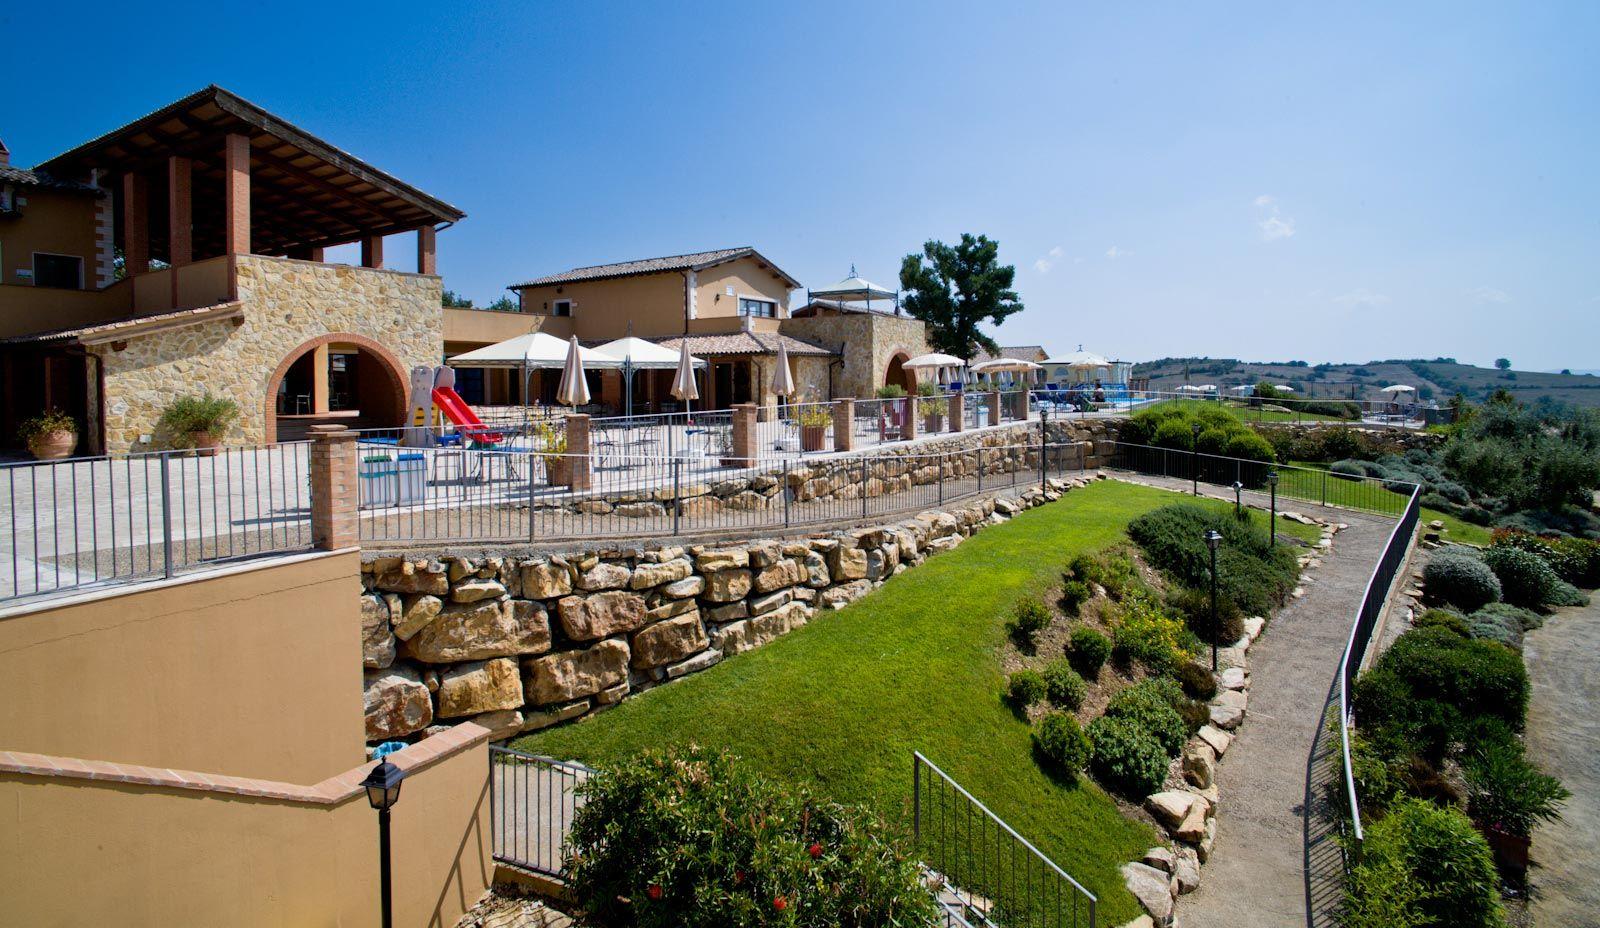 Magliano Resort e' situato a circa 1,5 km dal